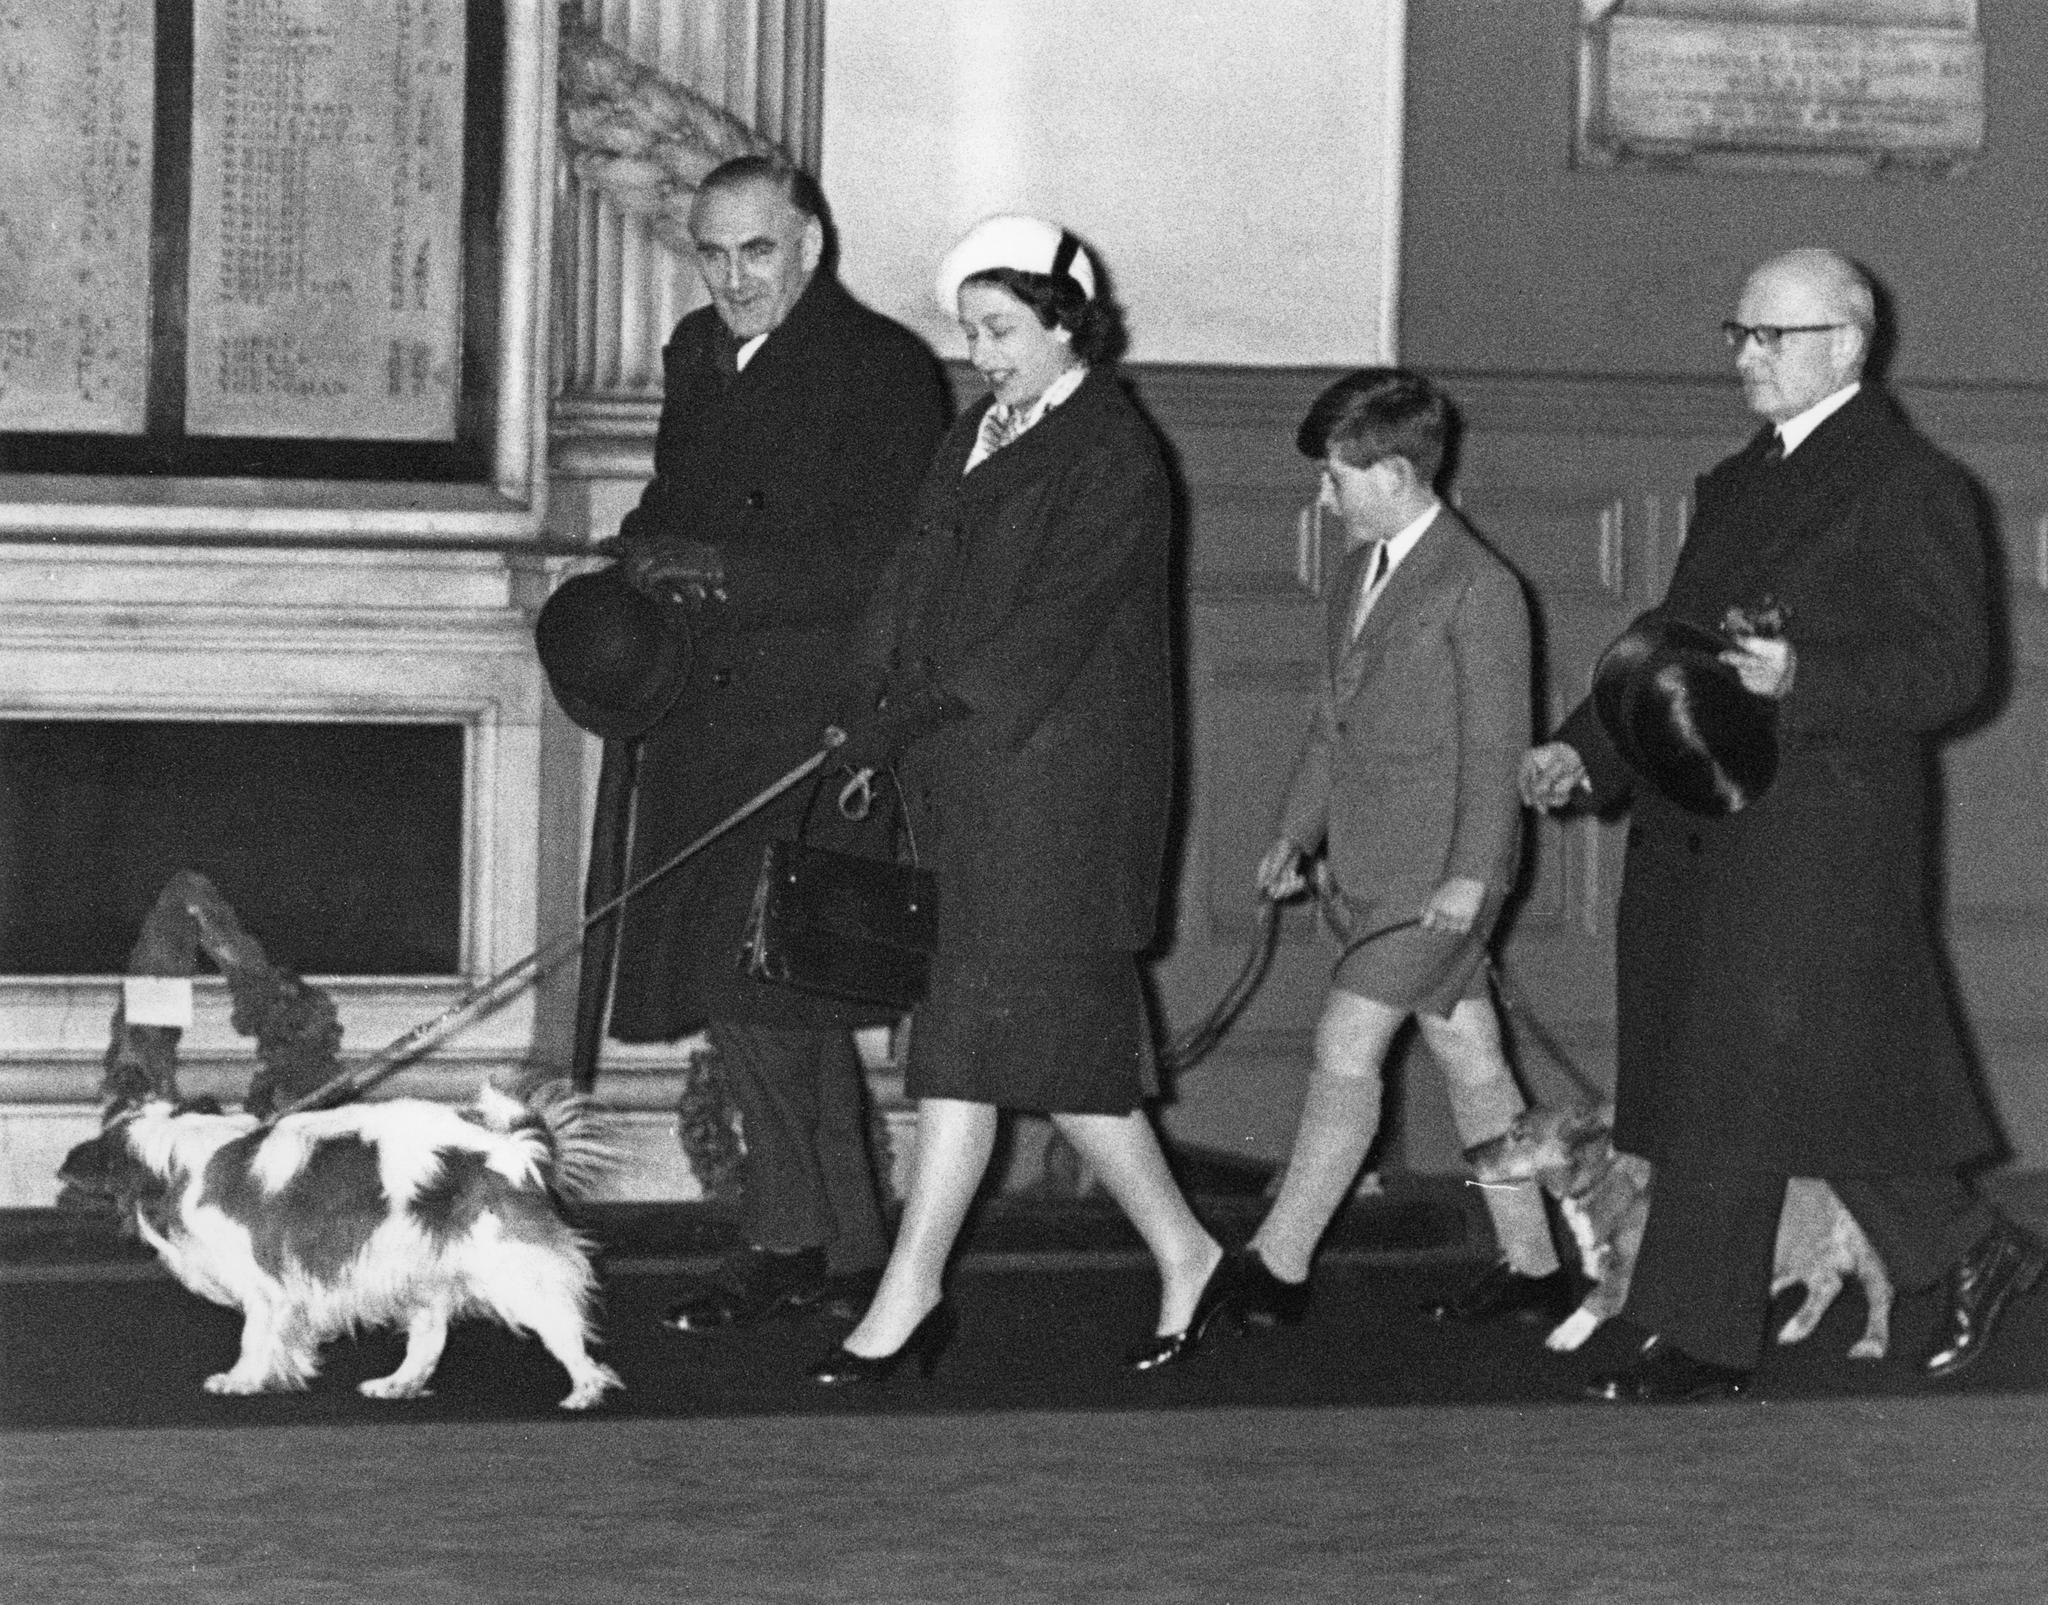 Auf diesem Foto gibt es nichts zu leugnen:Queen Elizabeth und der elfjährige Prinz Charles spazieren am 18. Januar 1960 mit ihren Hunden durch die Liverpool Street Station in London. Einen Monat später, am 19. Februar 1960, kommt Prinz Andrew zur Welt.